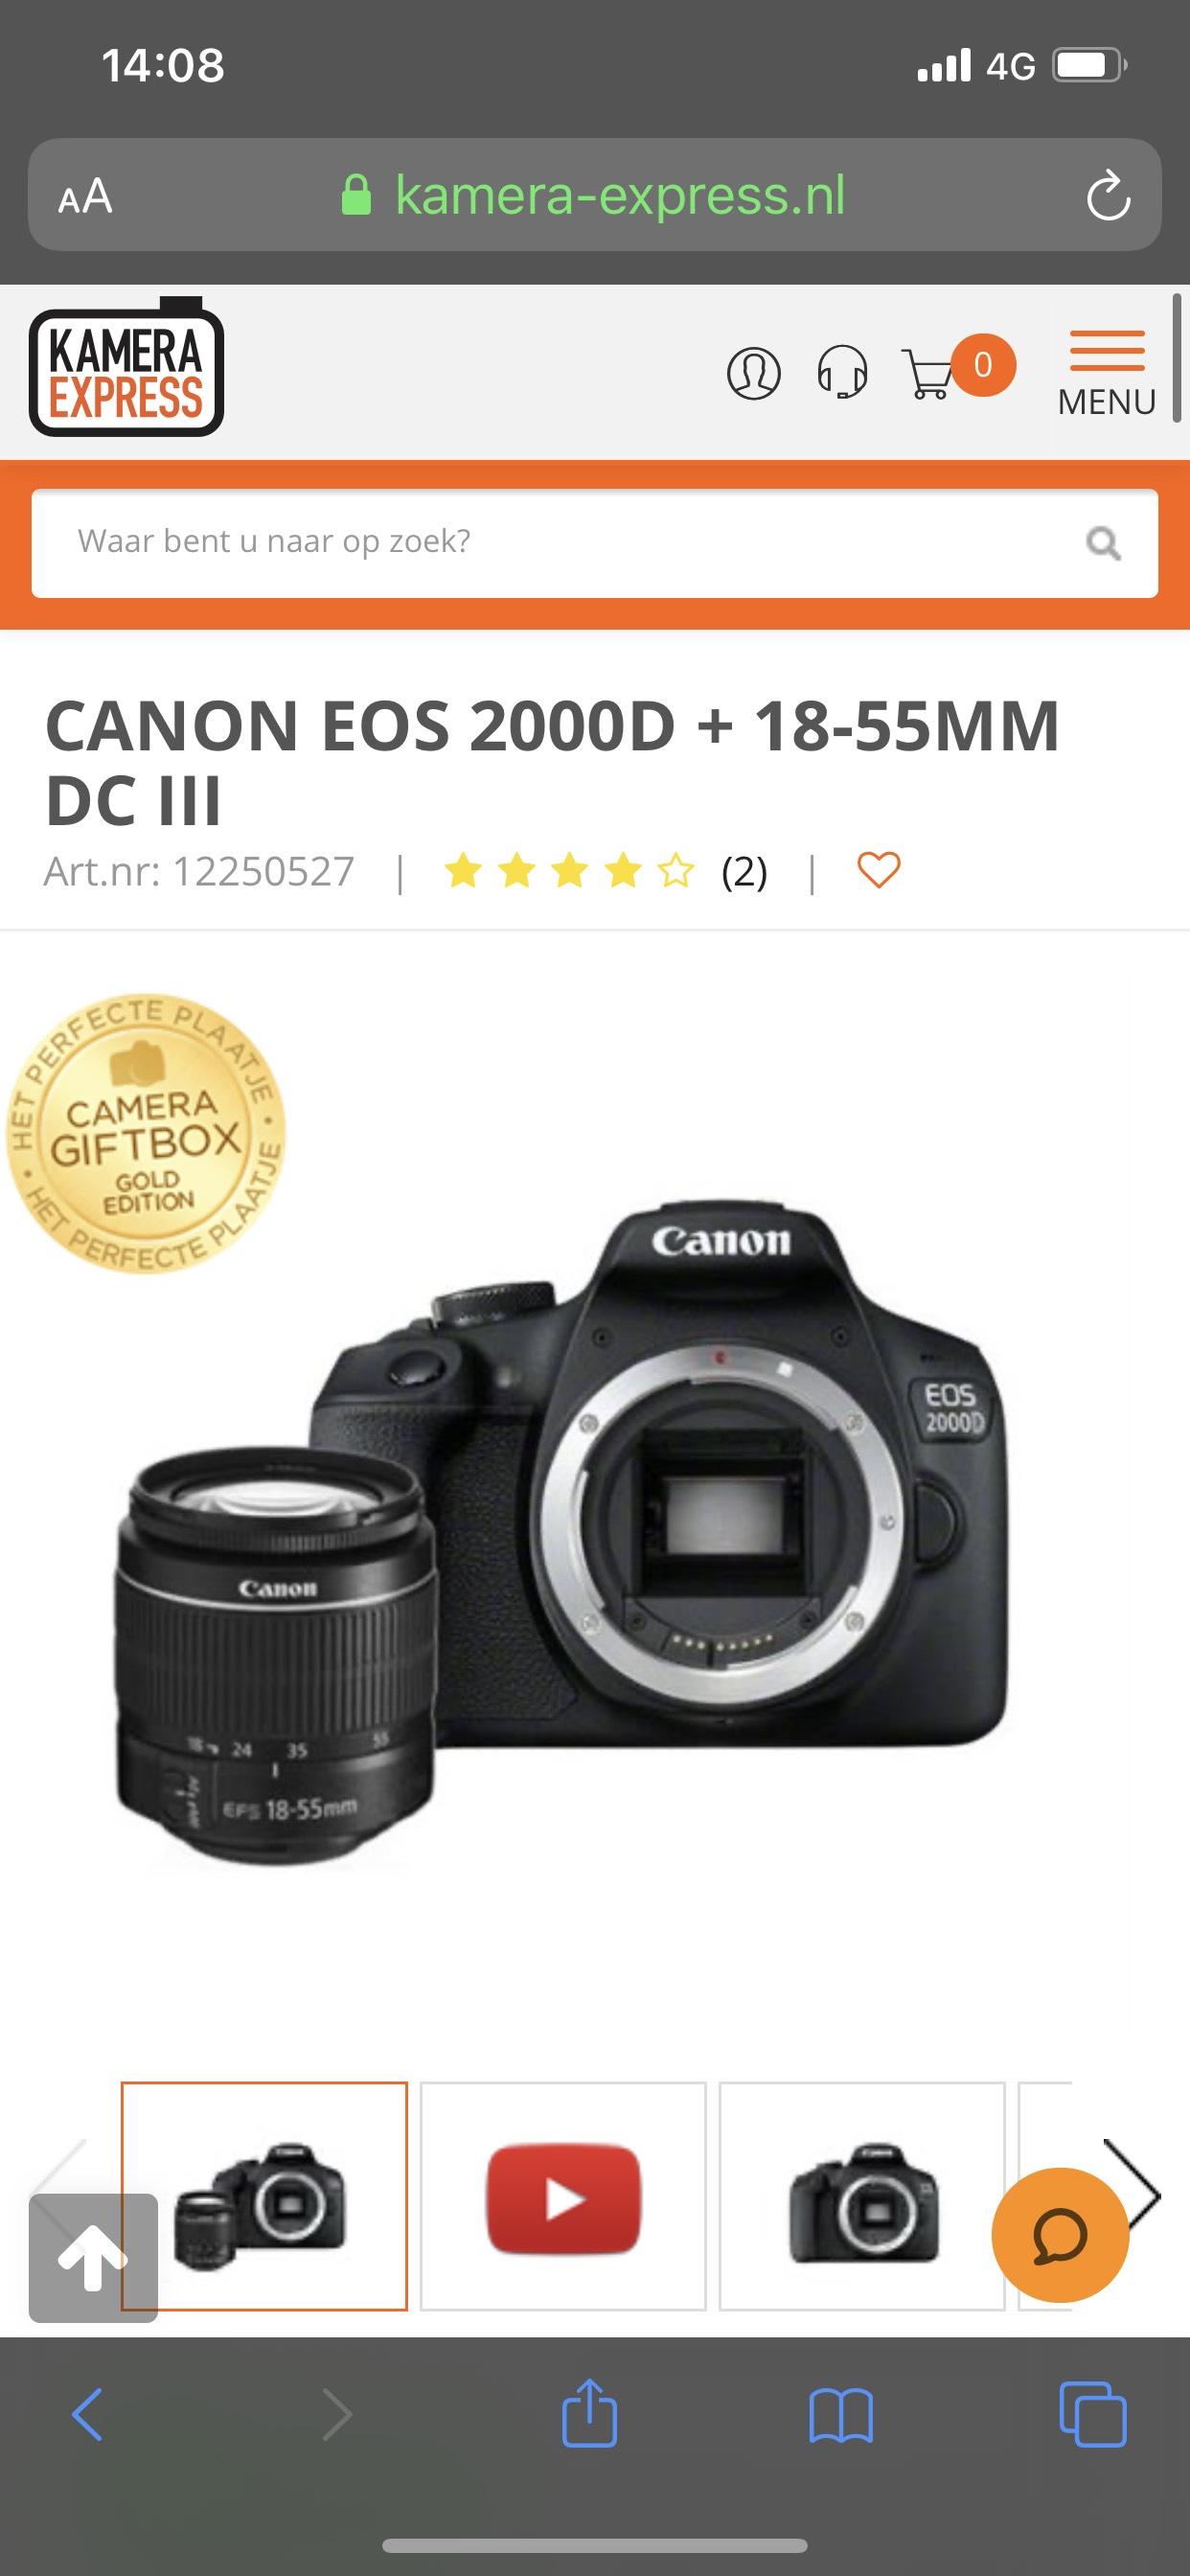 Canon EOS 2000D + 18-55mm en gratis Perfecte Plaatje Giftbox